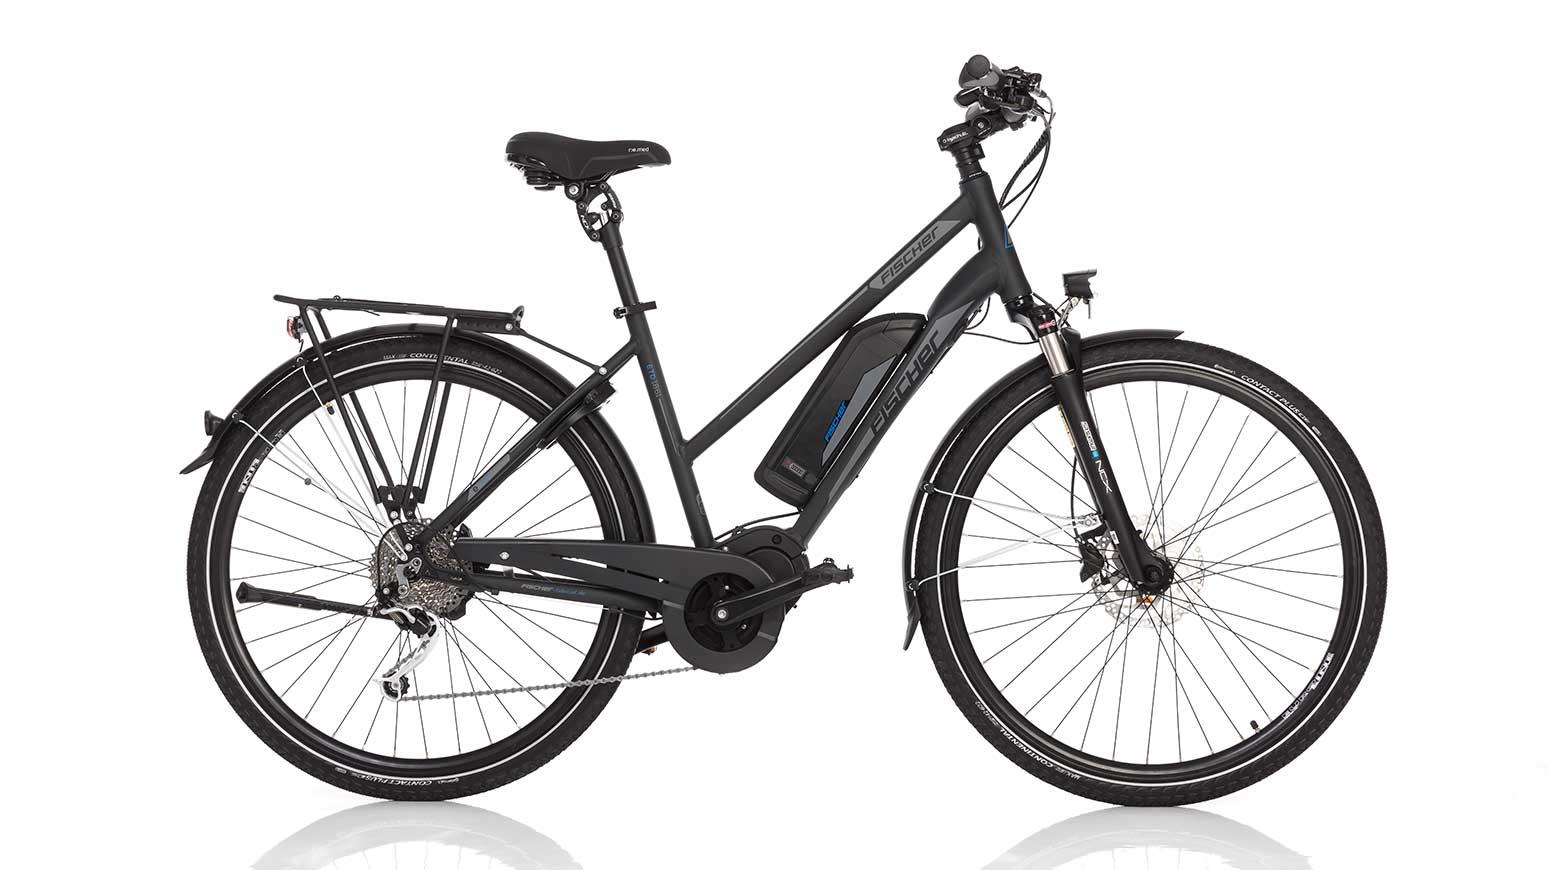 Günstiger Tourer im E-Bike-Test der Elektrorad 1/18: FISCHER_ETD1861